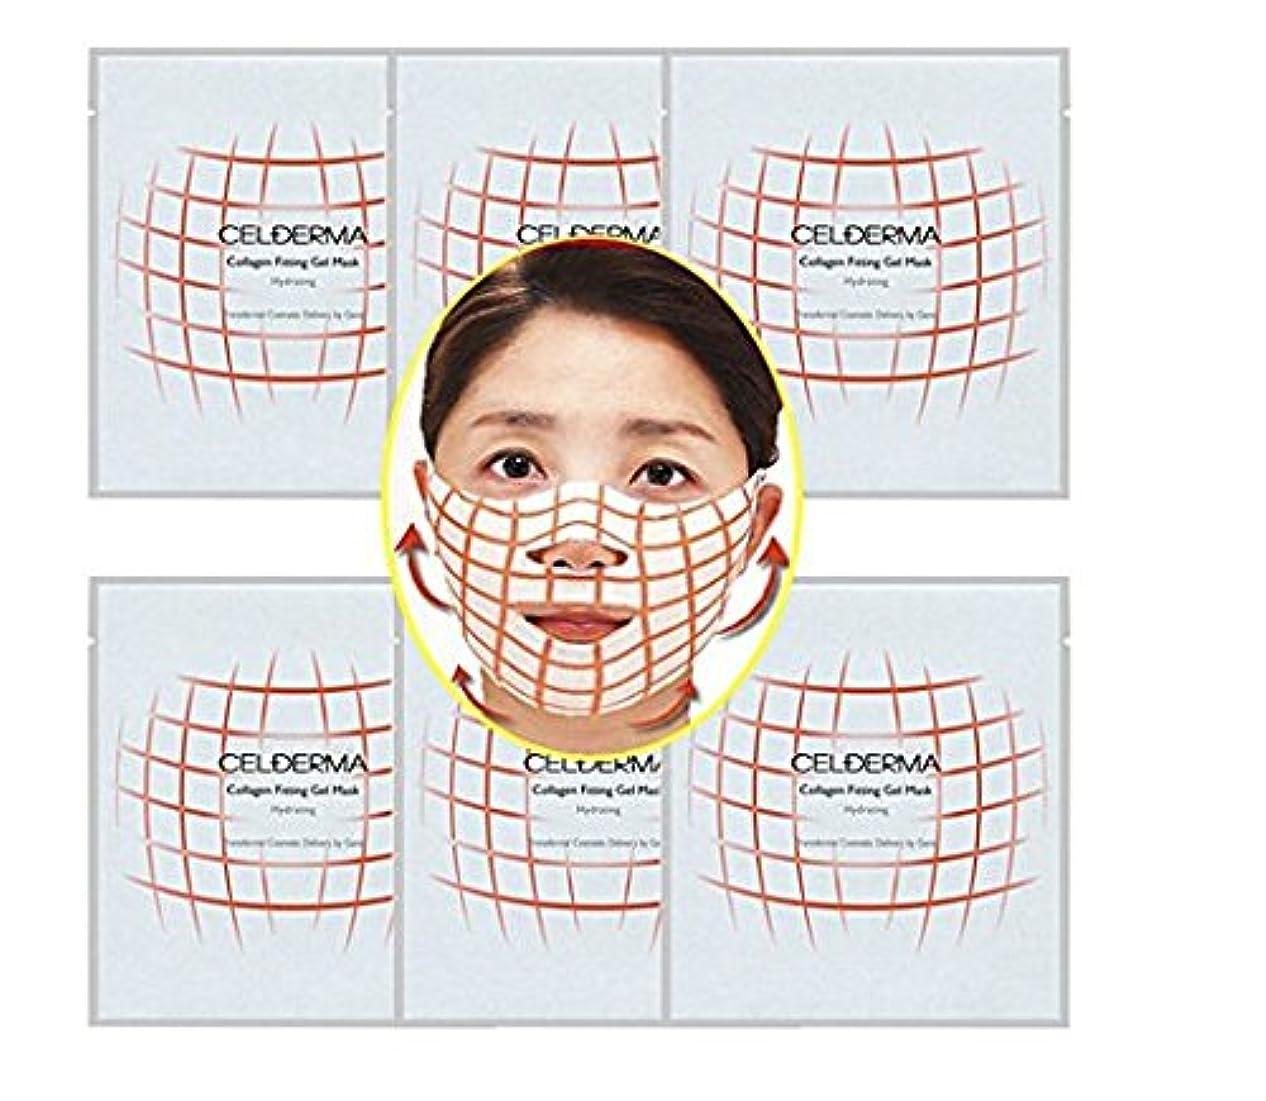 計画ロッド各[セルドマ] Celderma コラーゲン フィッティング ハイドロゲル マスク ヒアルロン酸 ペプチド 肌の再生 シワ改善 美白 リフティング 海外直送品 (Collagen Fitting Hydrating Gel Mask Hyaluronic acid Peptide Skin Wrinkle Whitening Lifting effect) (10枚)